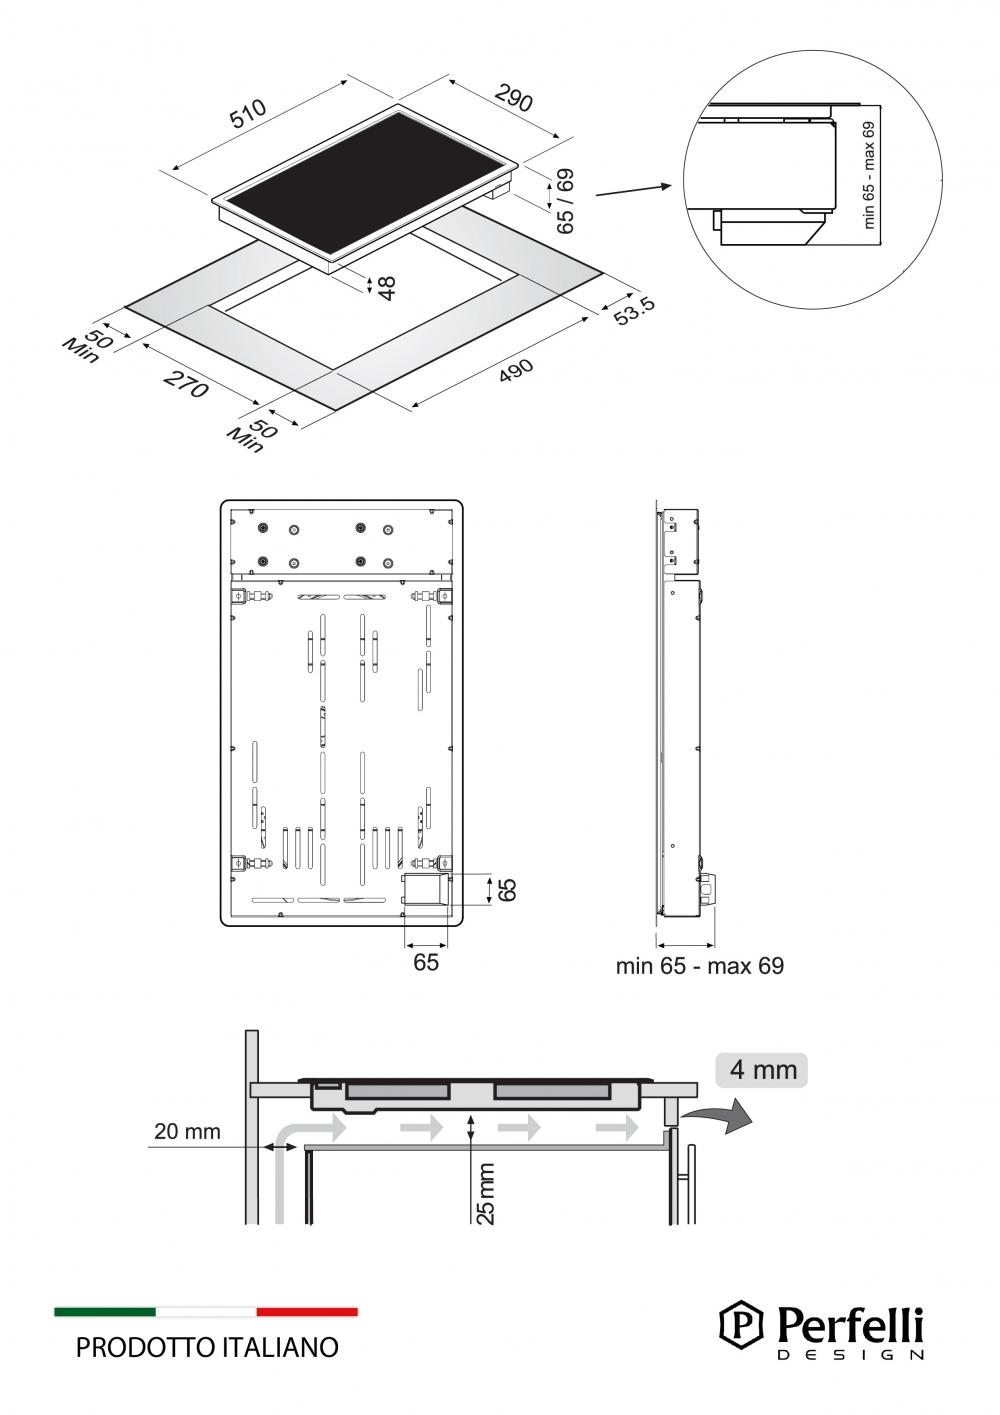 Поверхность стеклокерамическая Domino Perfelli design HVC 3110 WH